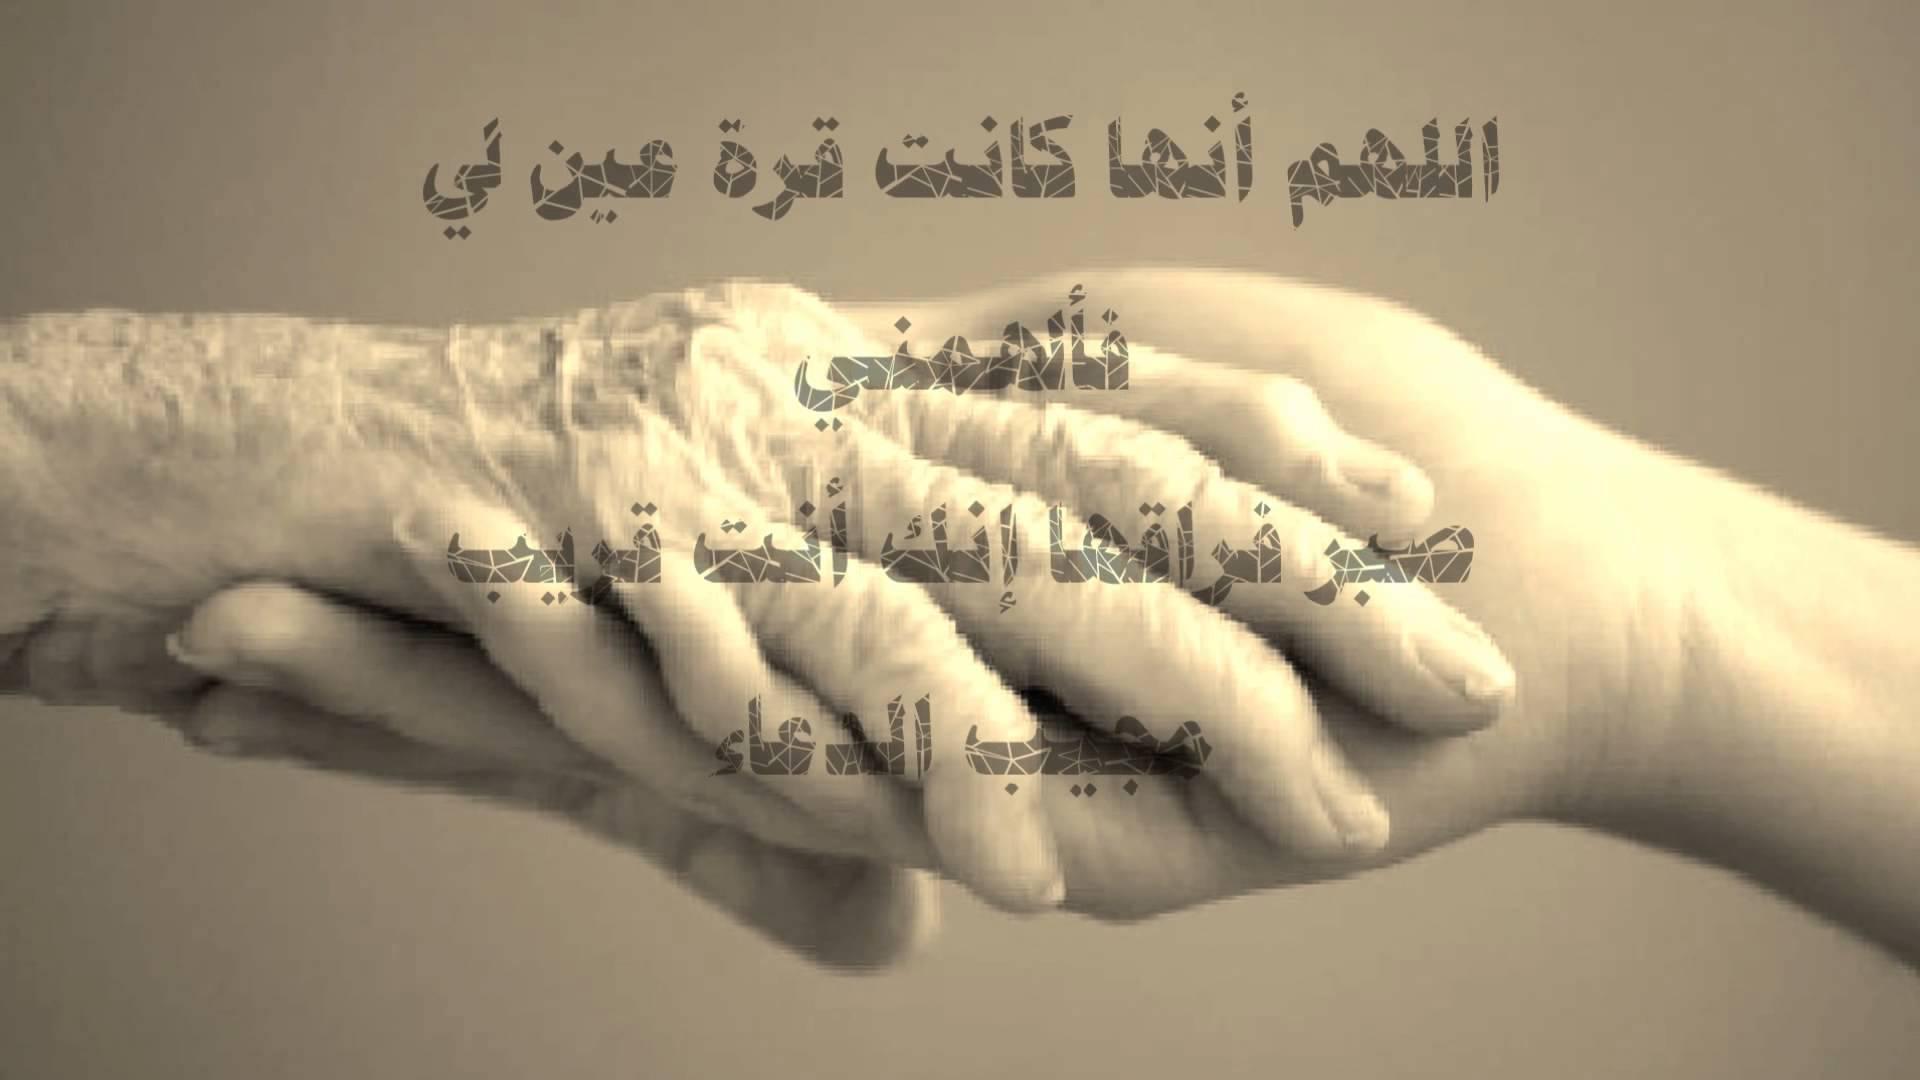 بالصور دعاء عن الام , اجمل الادعيه عن الام 5649 3